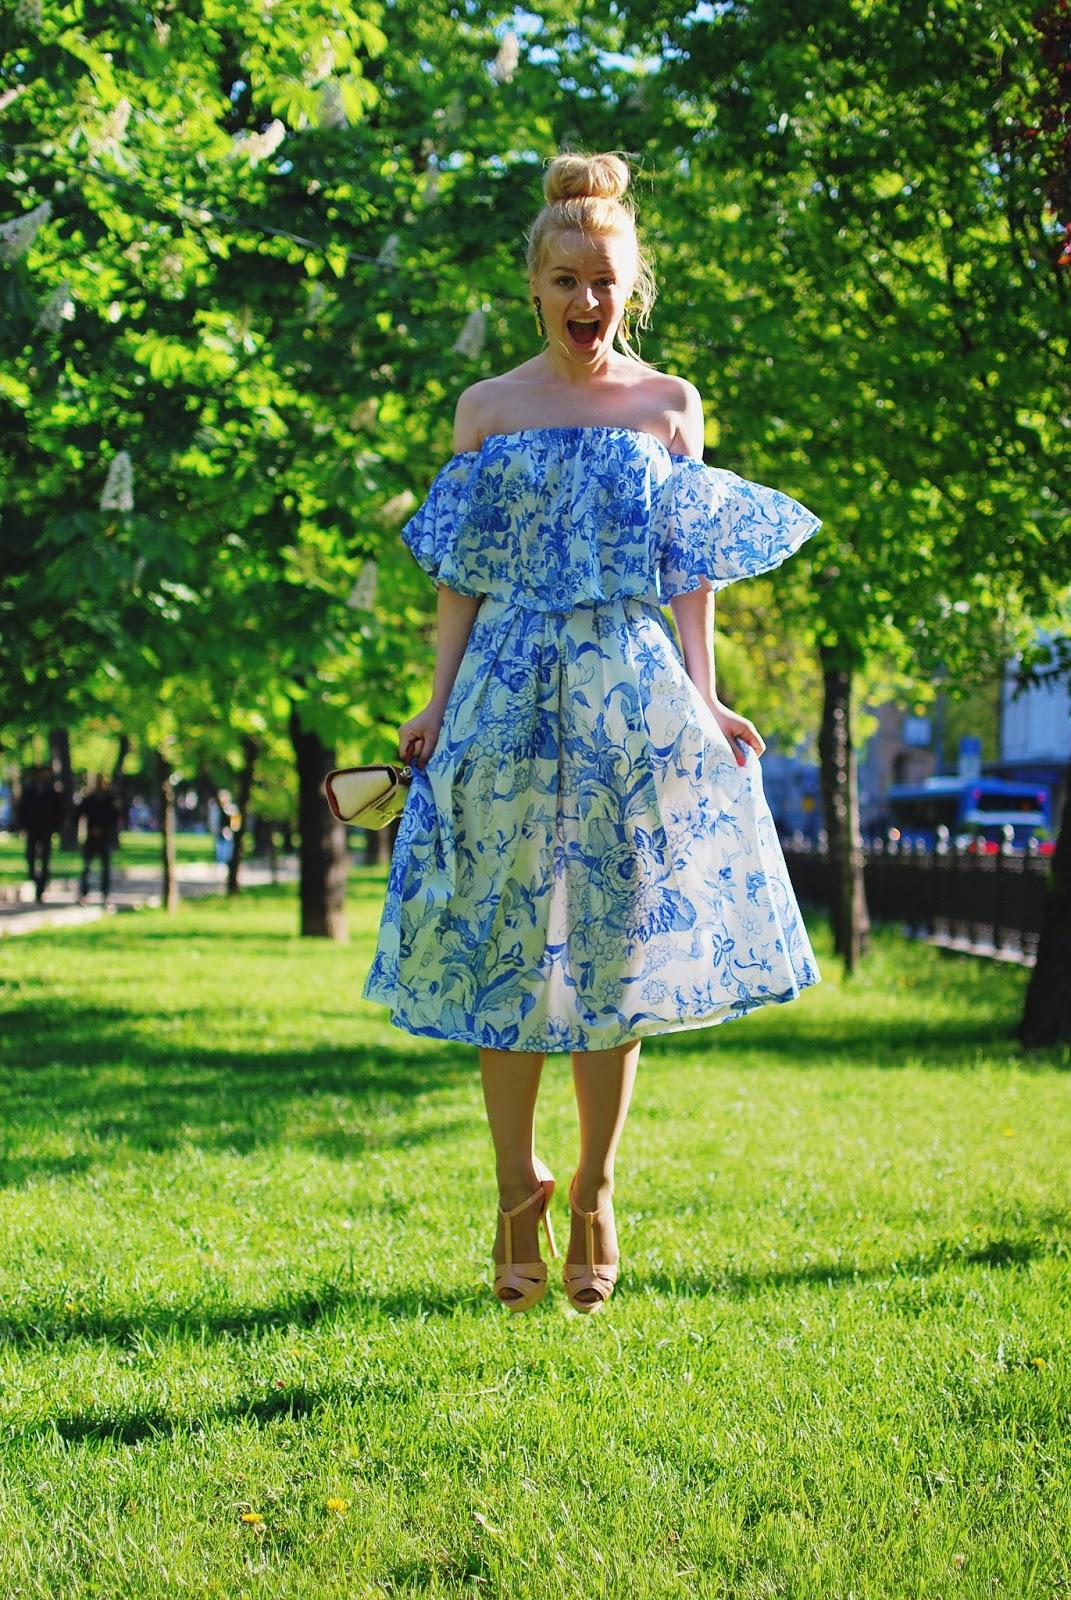 модные луки, модные образы, тенденции моды 2016